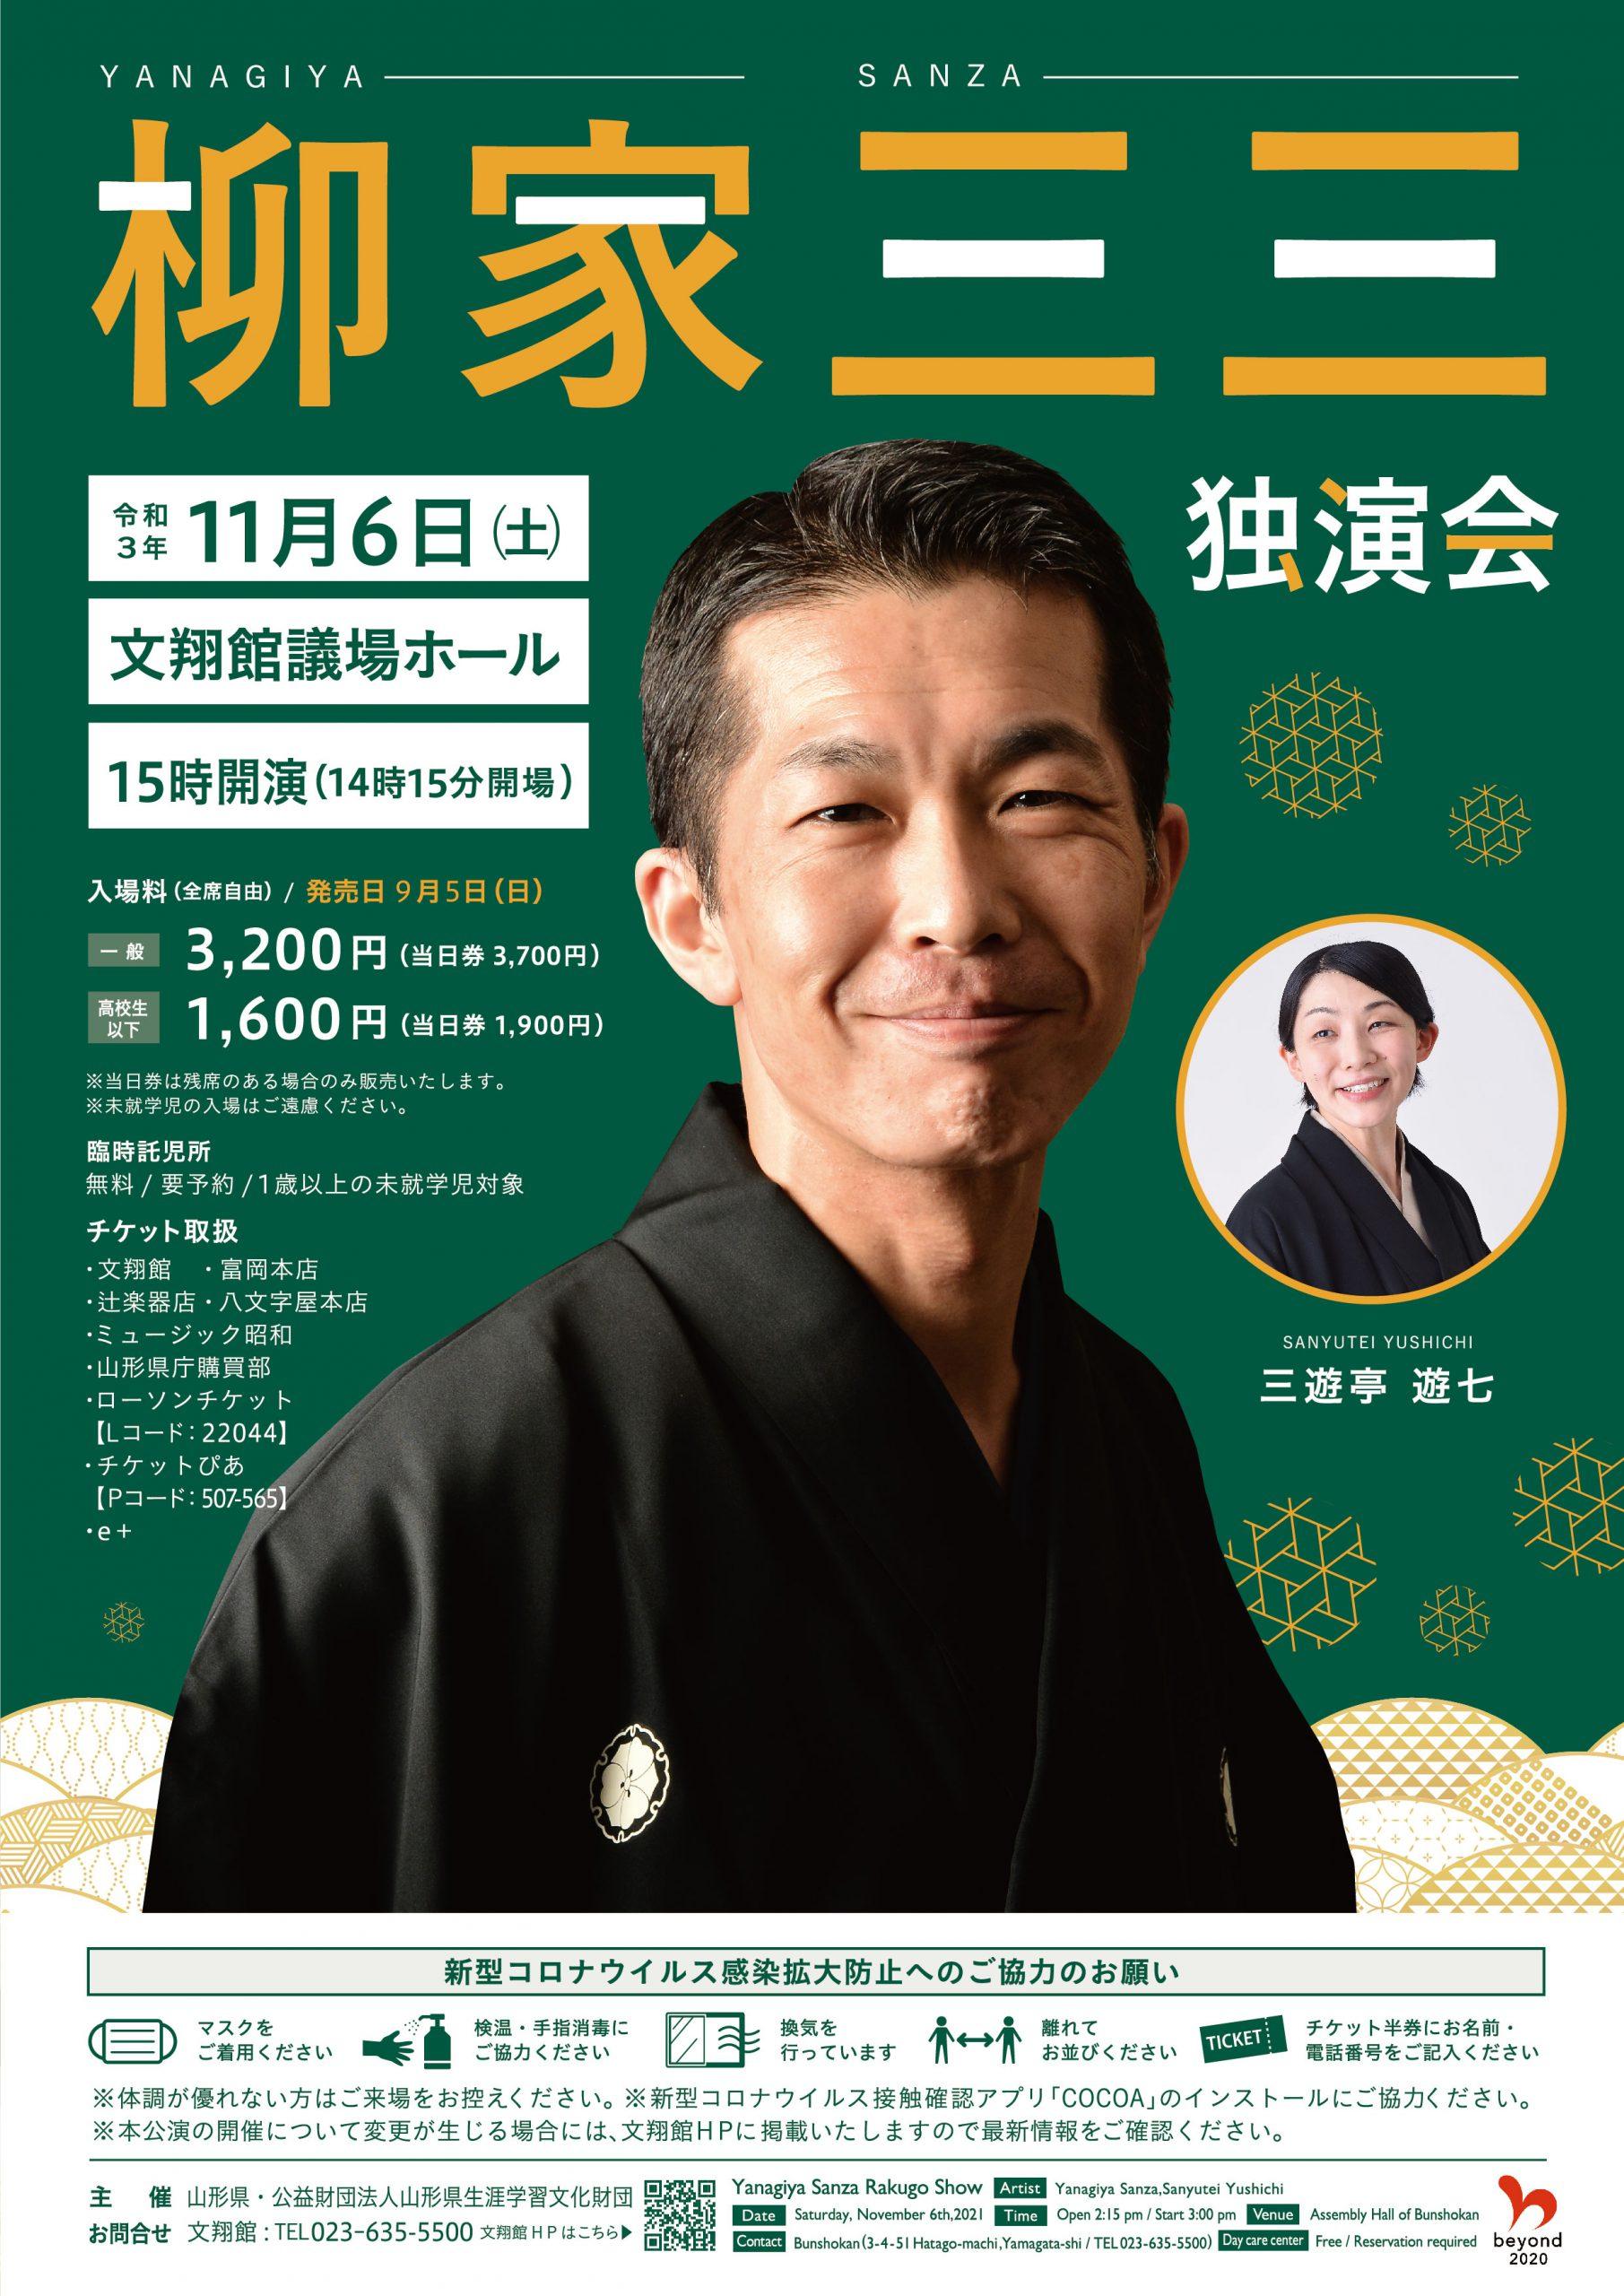 柳家三三 独演会【チケット好評発売中!】